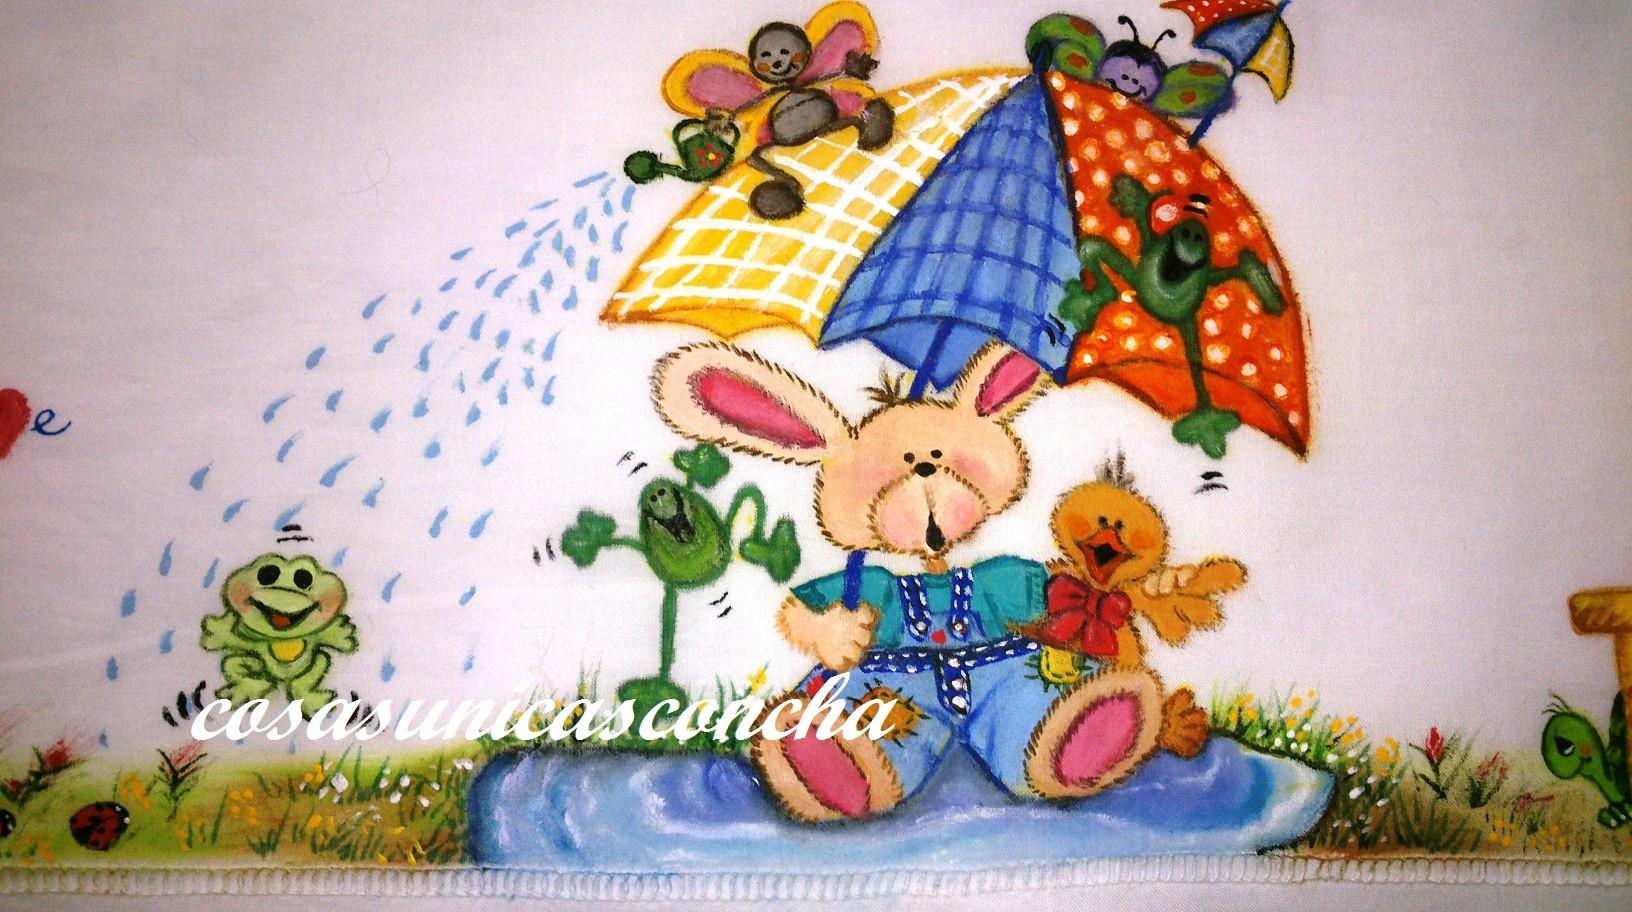 Sabana pintada a mano y personalizada cosas nicas concha - Pintura en tela motivos navidenos ...